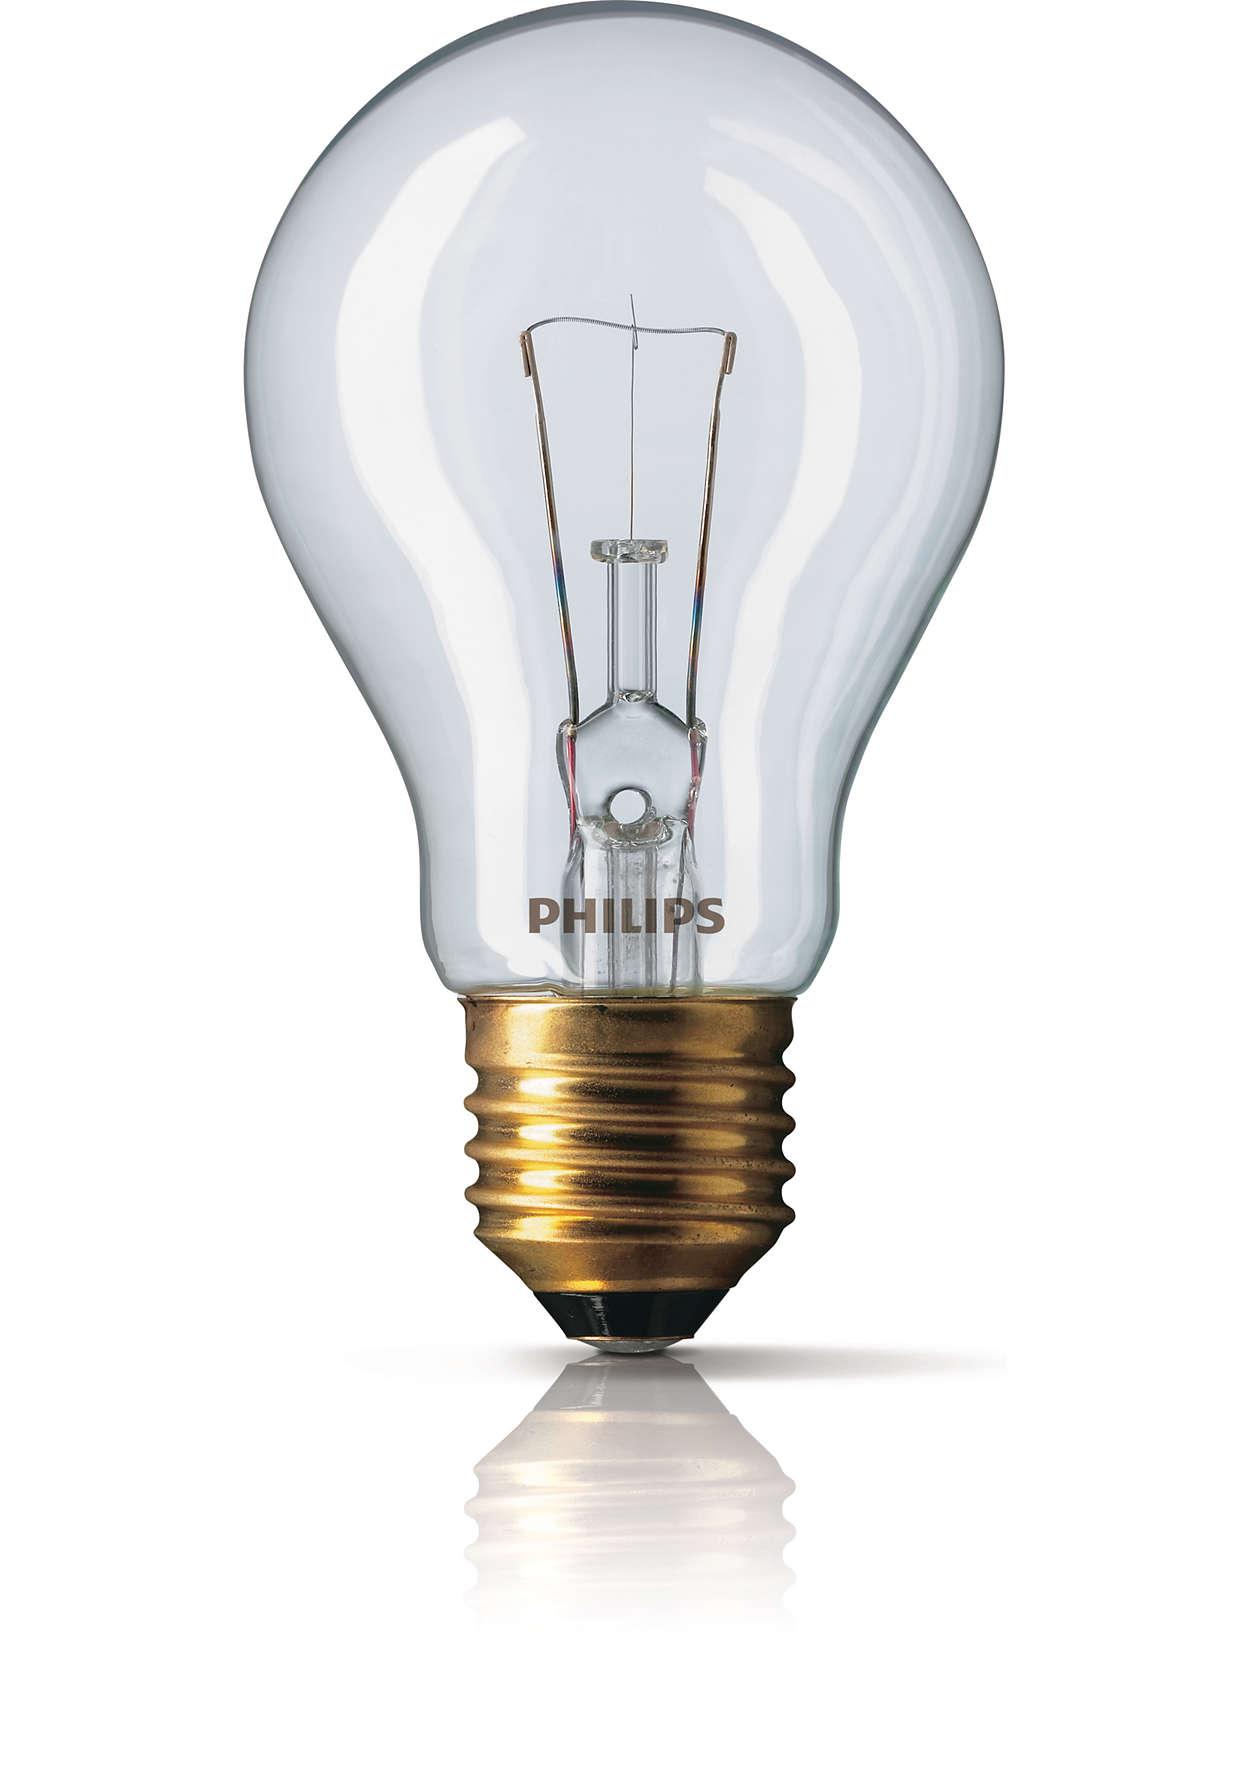 Dokonale čisté svetlo všade, kde ho potrebujete